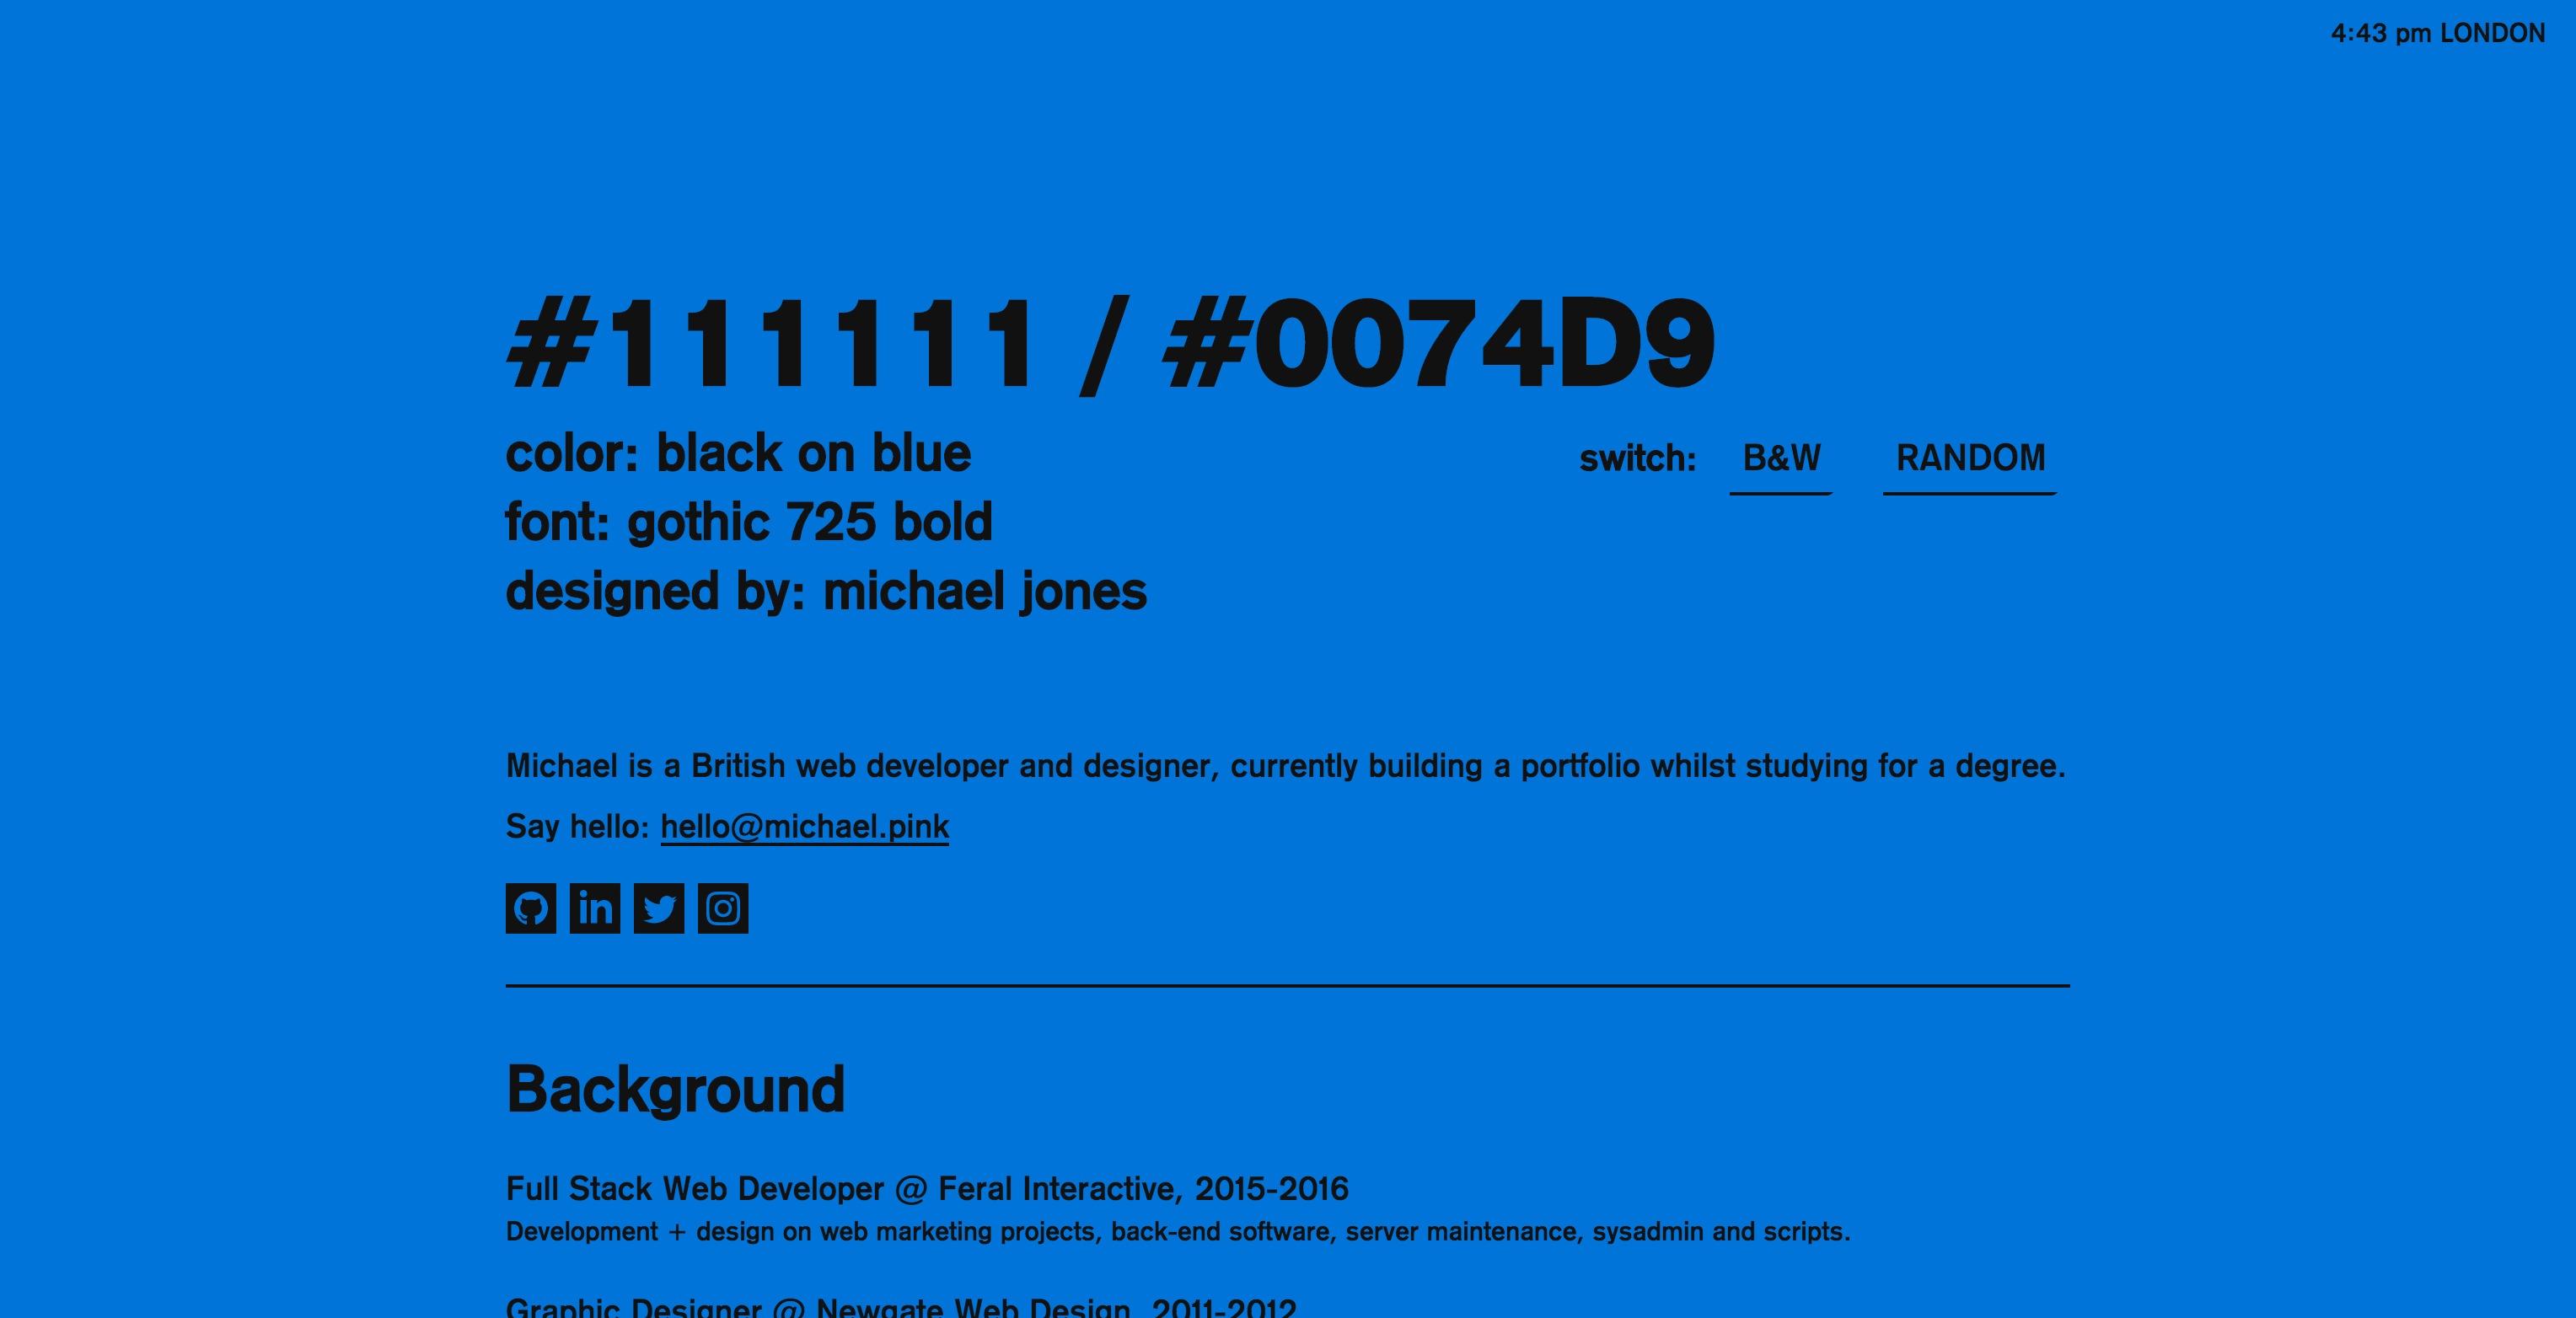 Michael Jones portfolio site - Fonts In Use